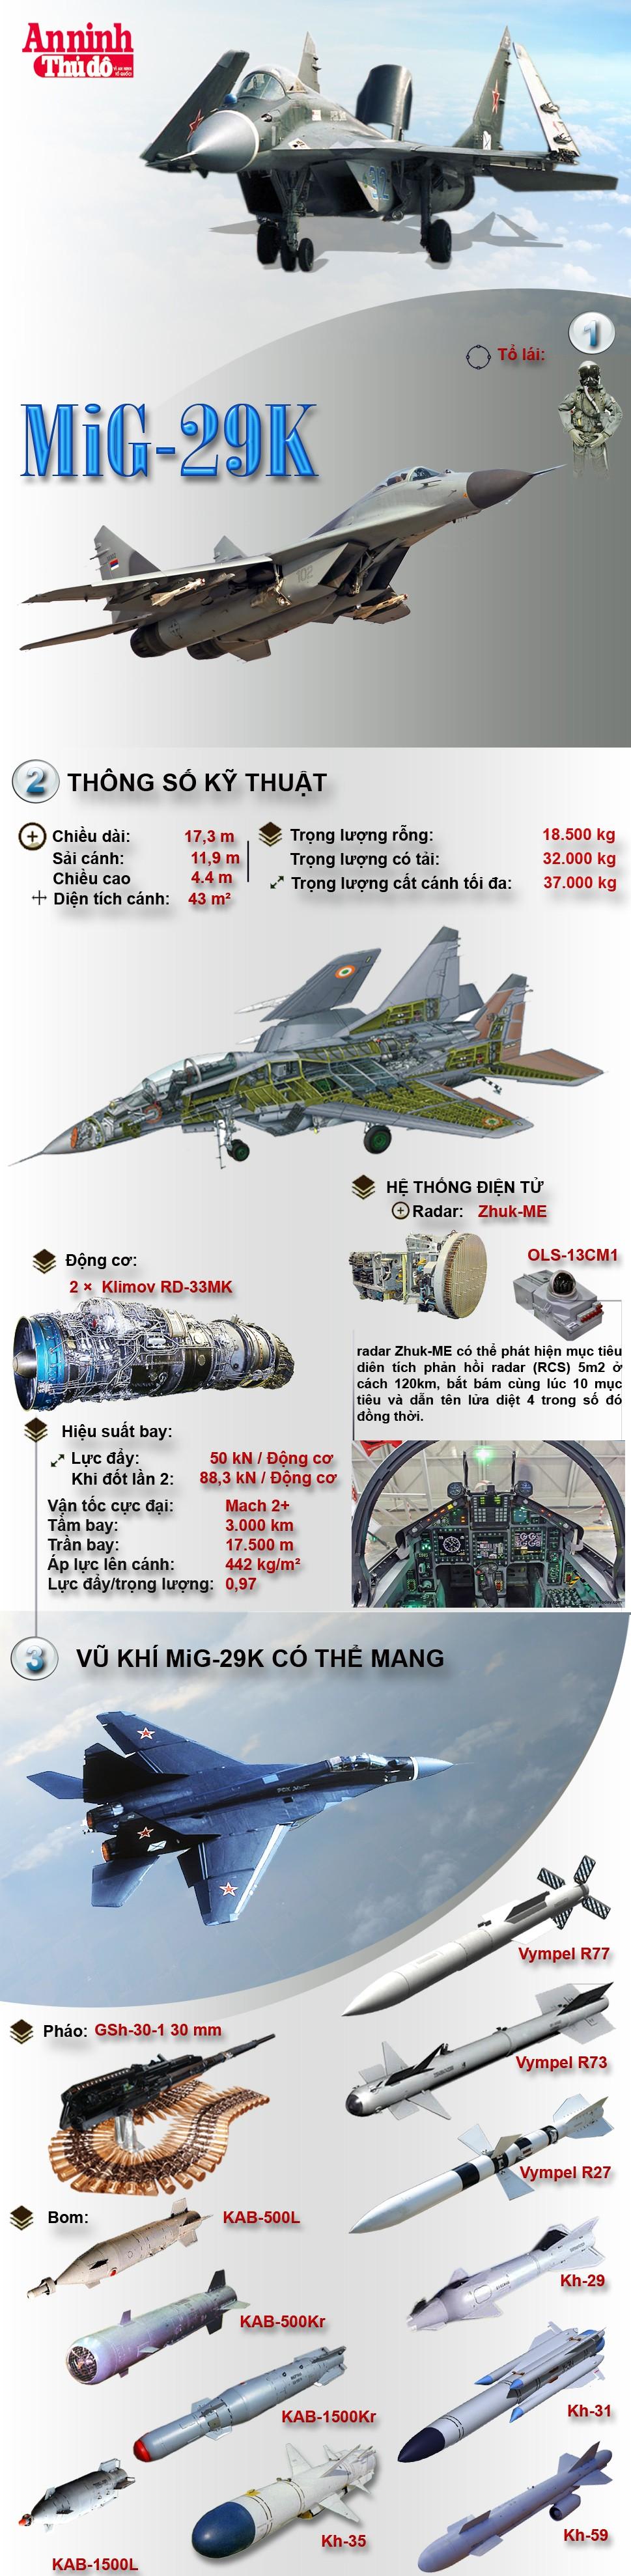 [Infographic] MiG-29K – Tiêm kích thay thế cho huyền thoại Su-33 trên đại dương ảnh 2